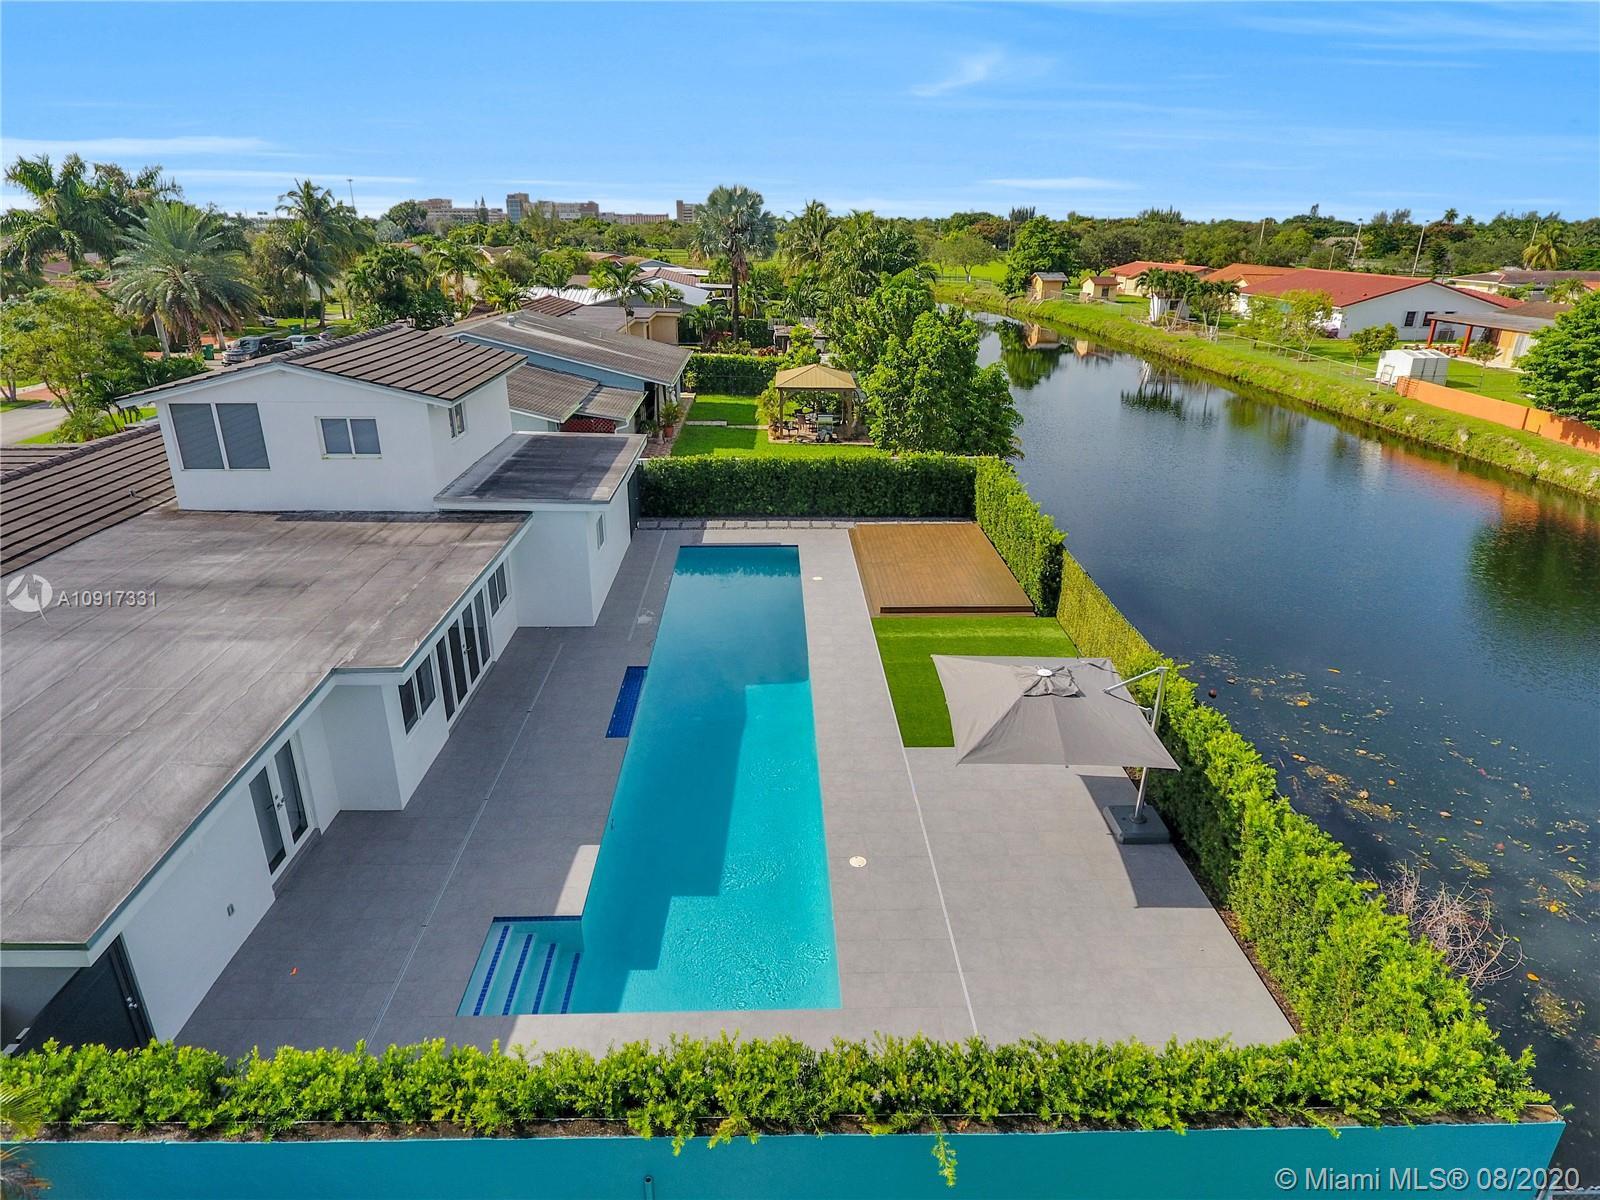 Southern Estates - 3112 Village Green Dr, Miami, FL 33175